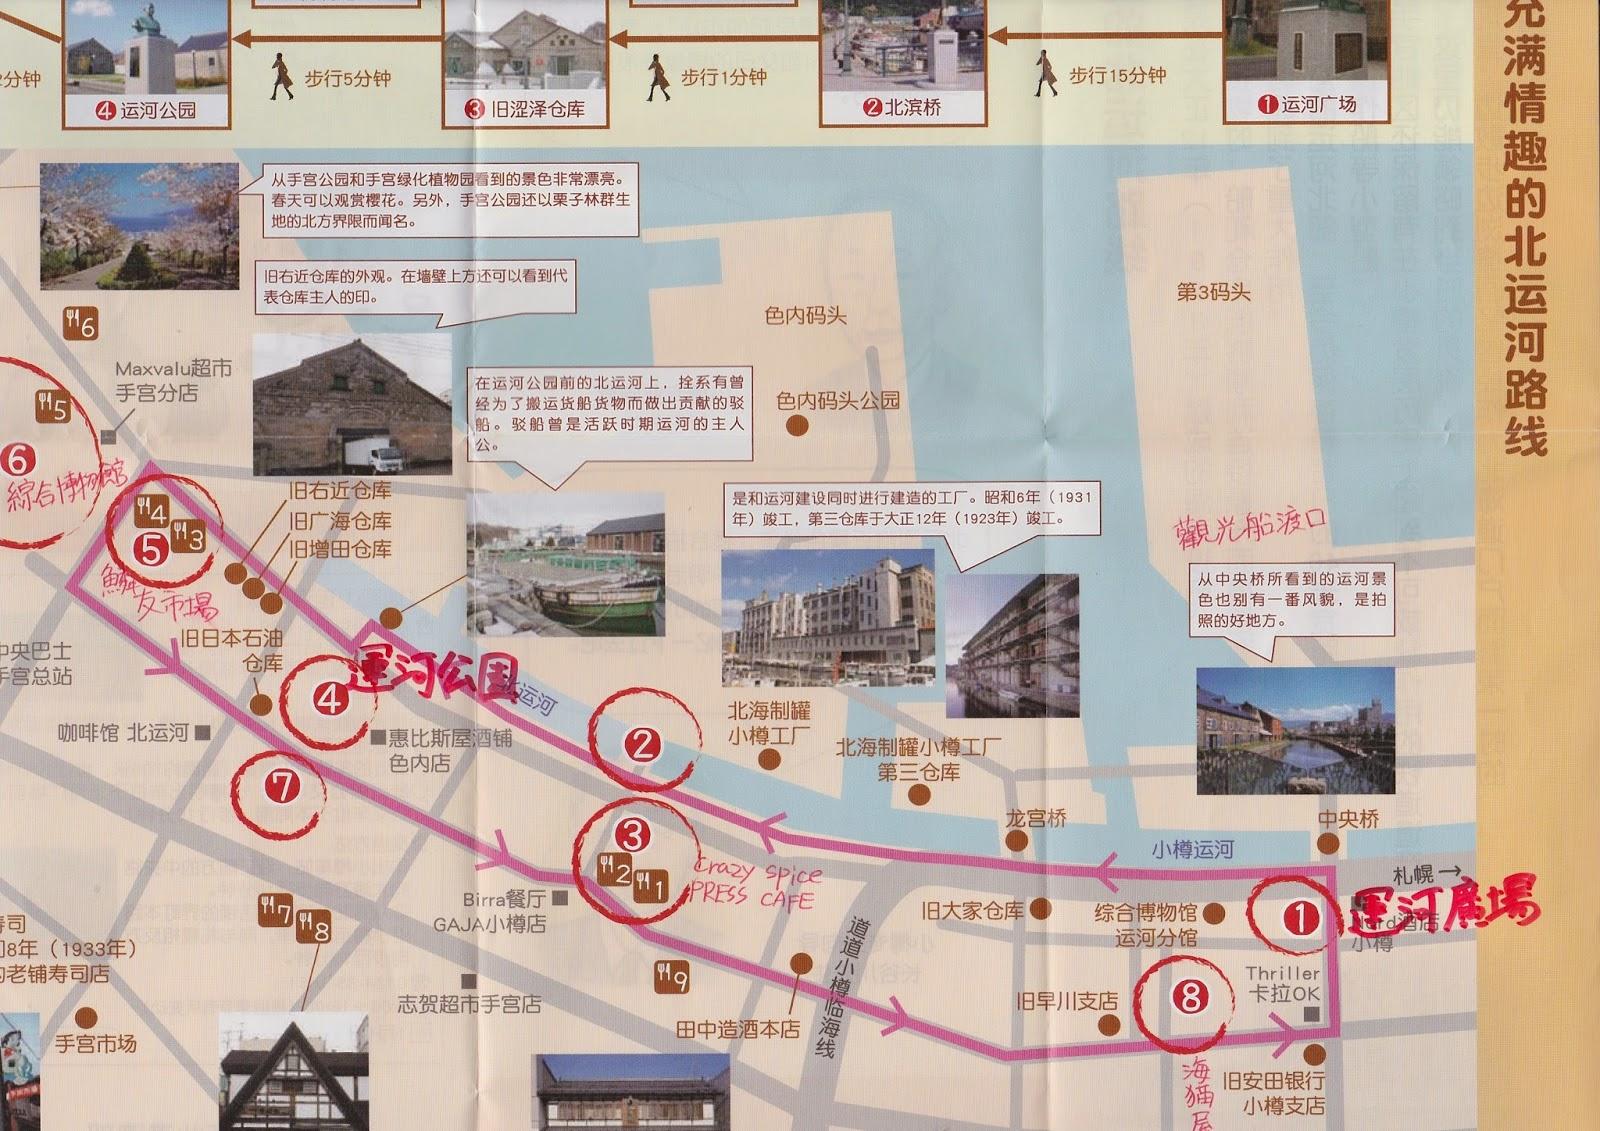 小樽流: 小樽一日遊 漫步小樽路線2 運河廣場~北運河~綜合博物館本館